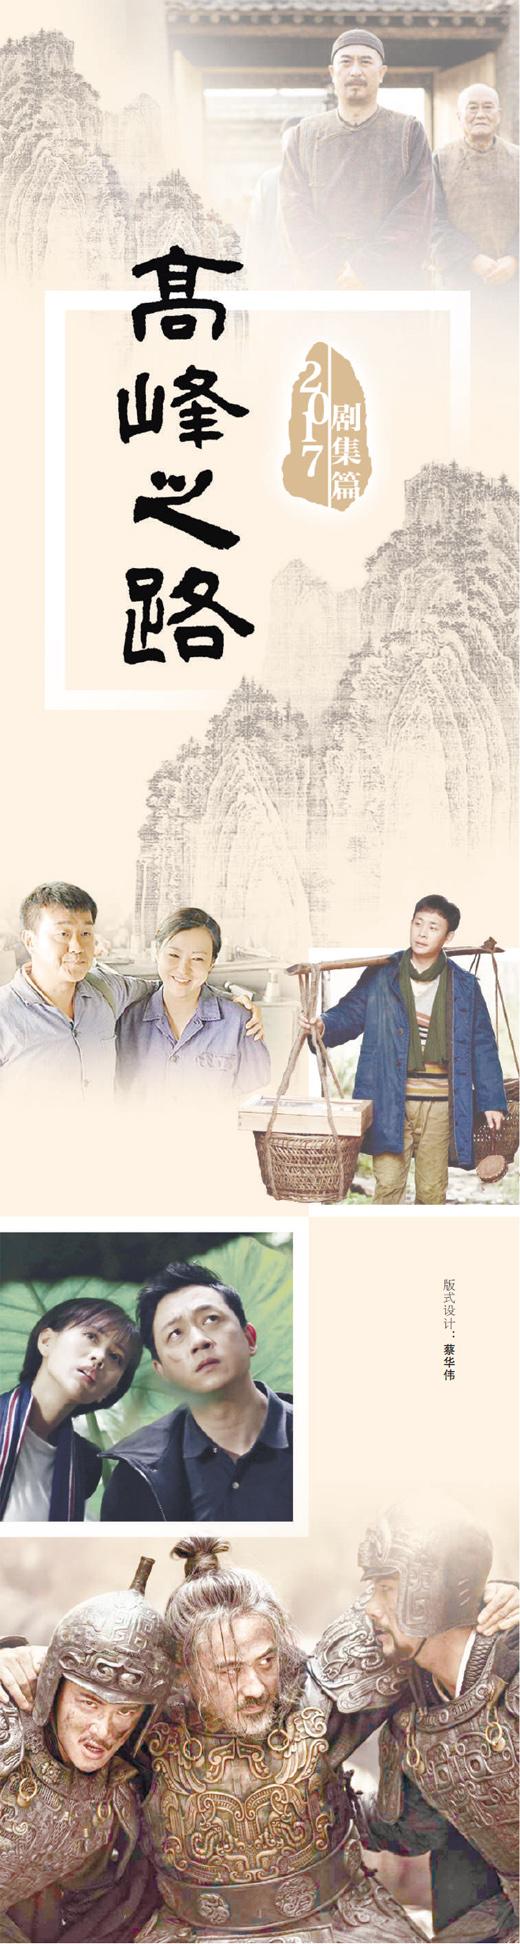 新印记(高峰之路·2017剧集篇) - weicuibai65 - 雕龙绣凤